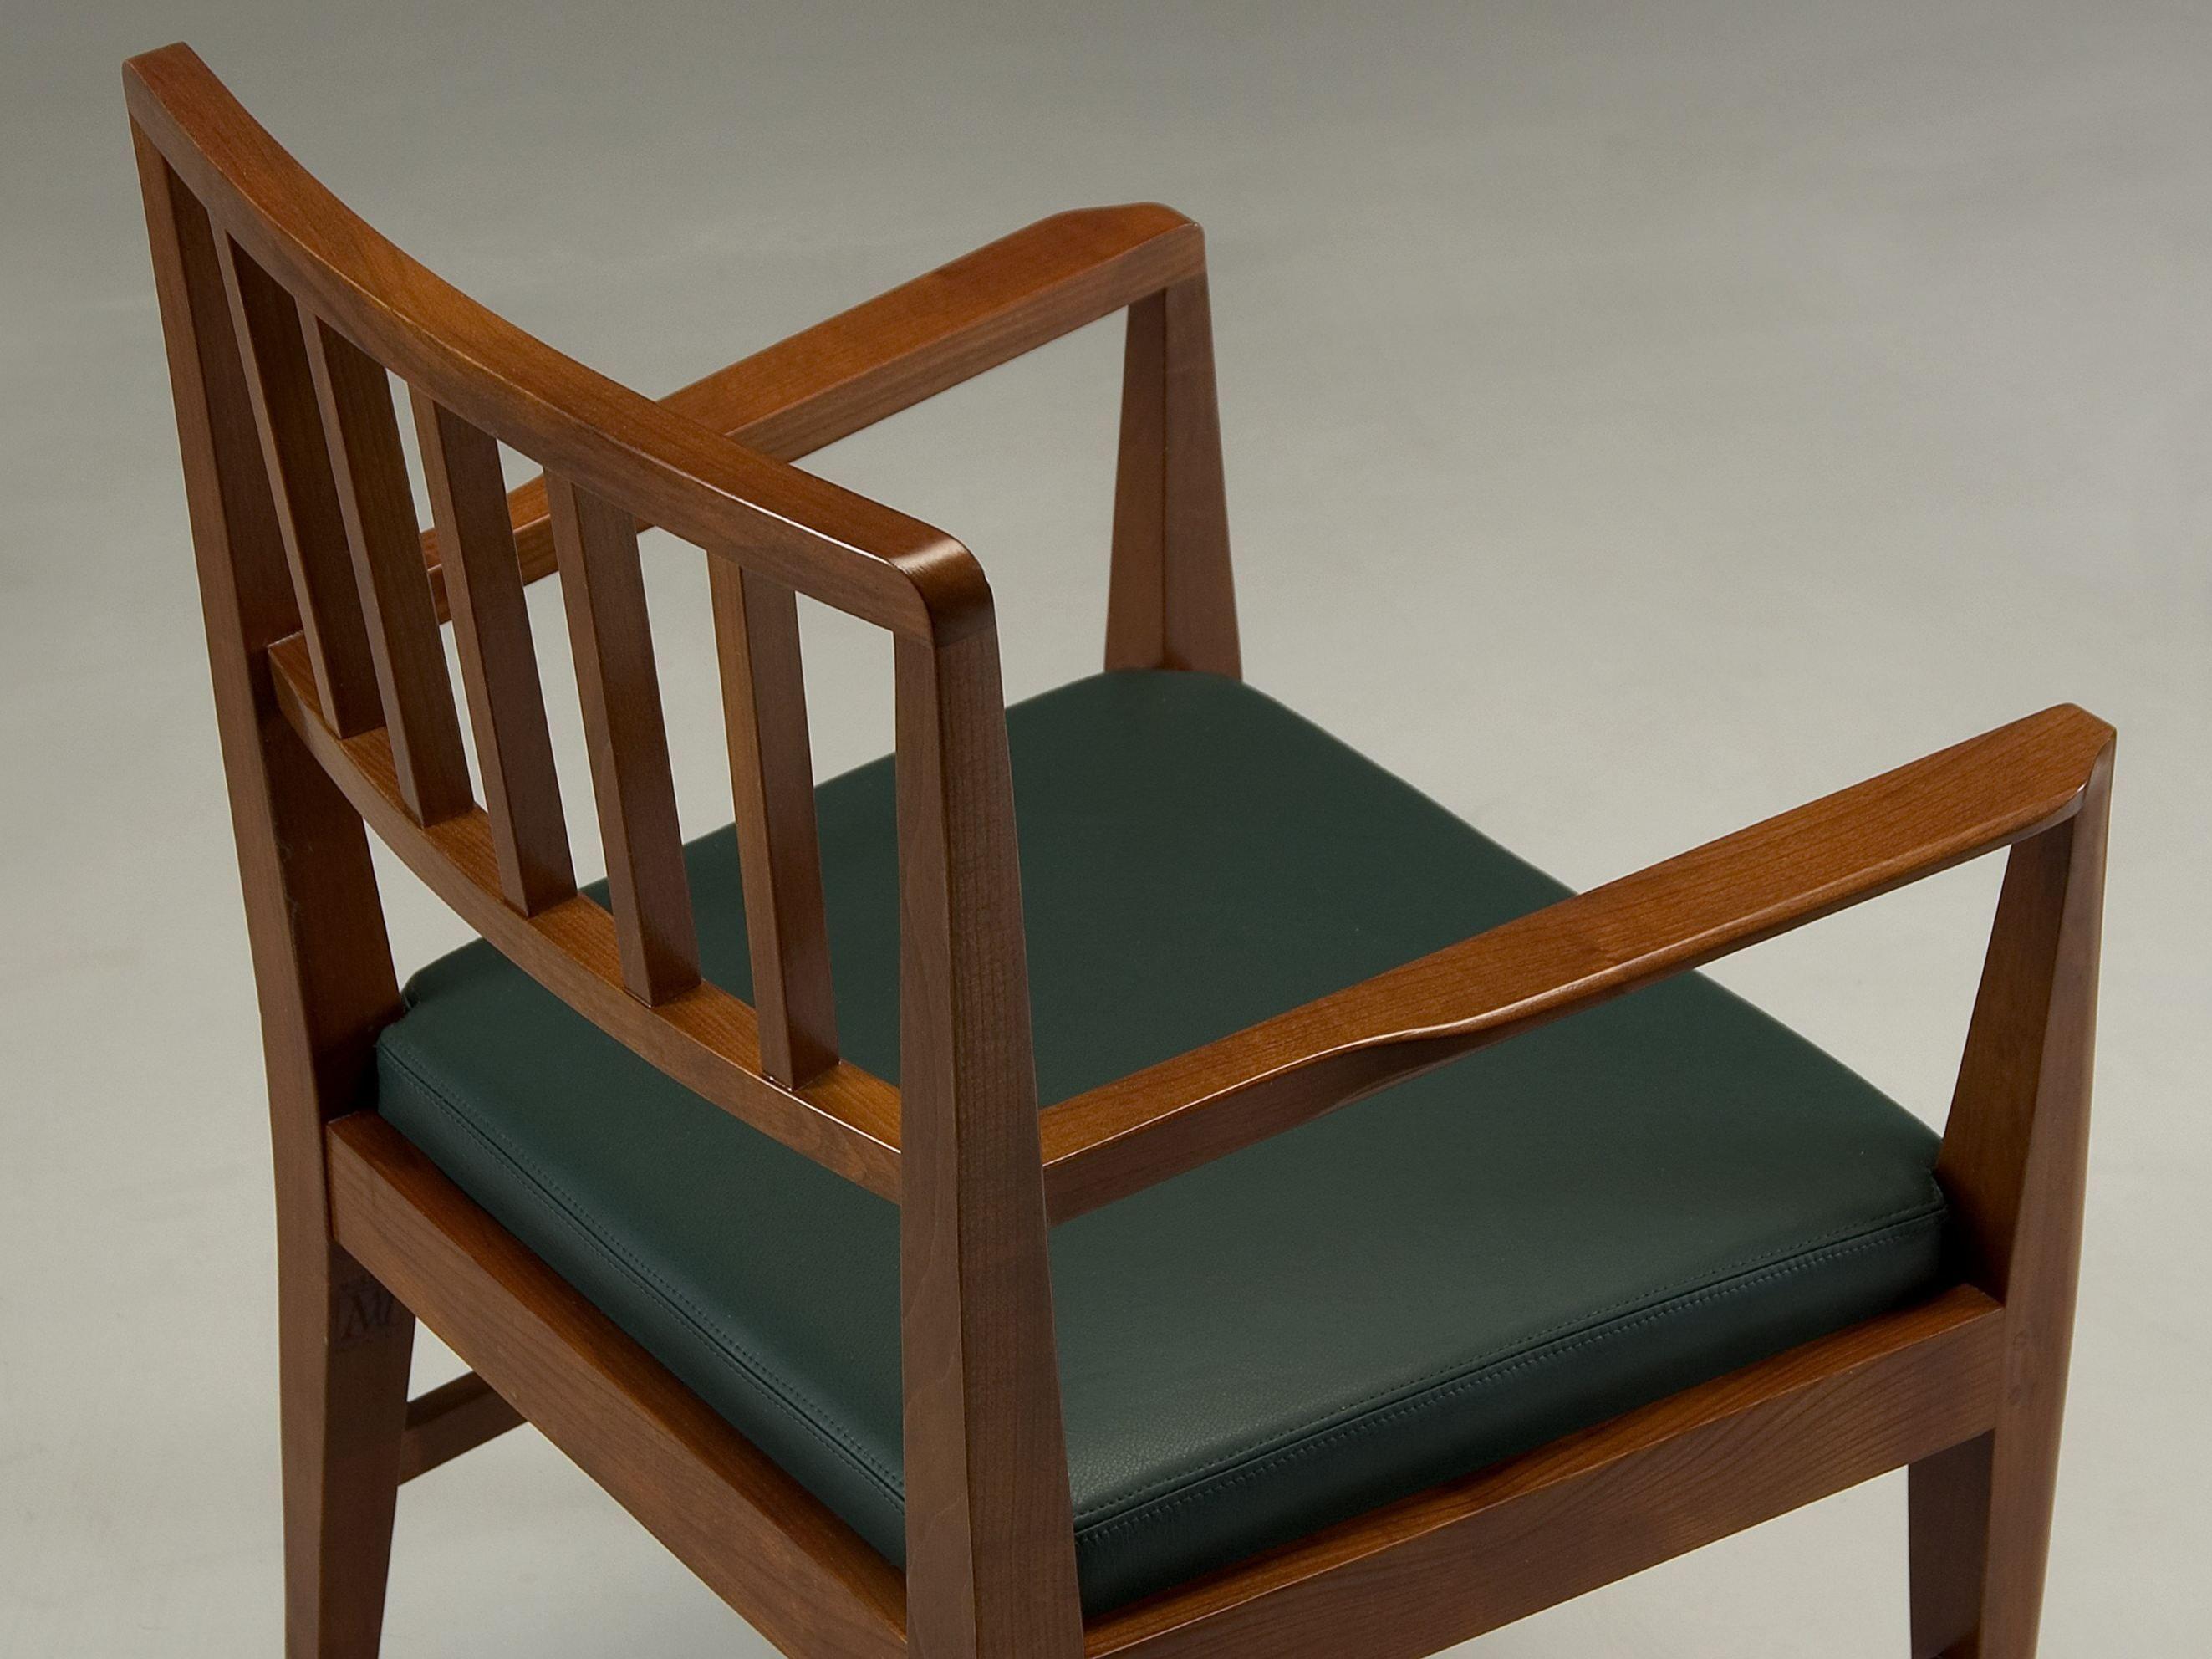 Poltroncina 39 900 rachele by morelato design centro for Ricambi sedie ikea